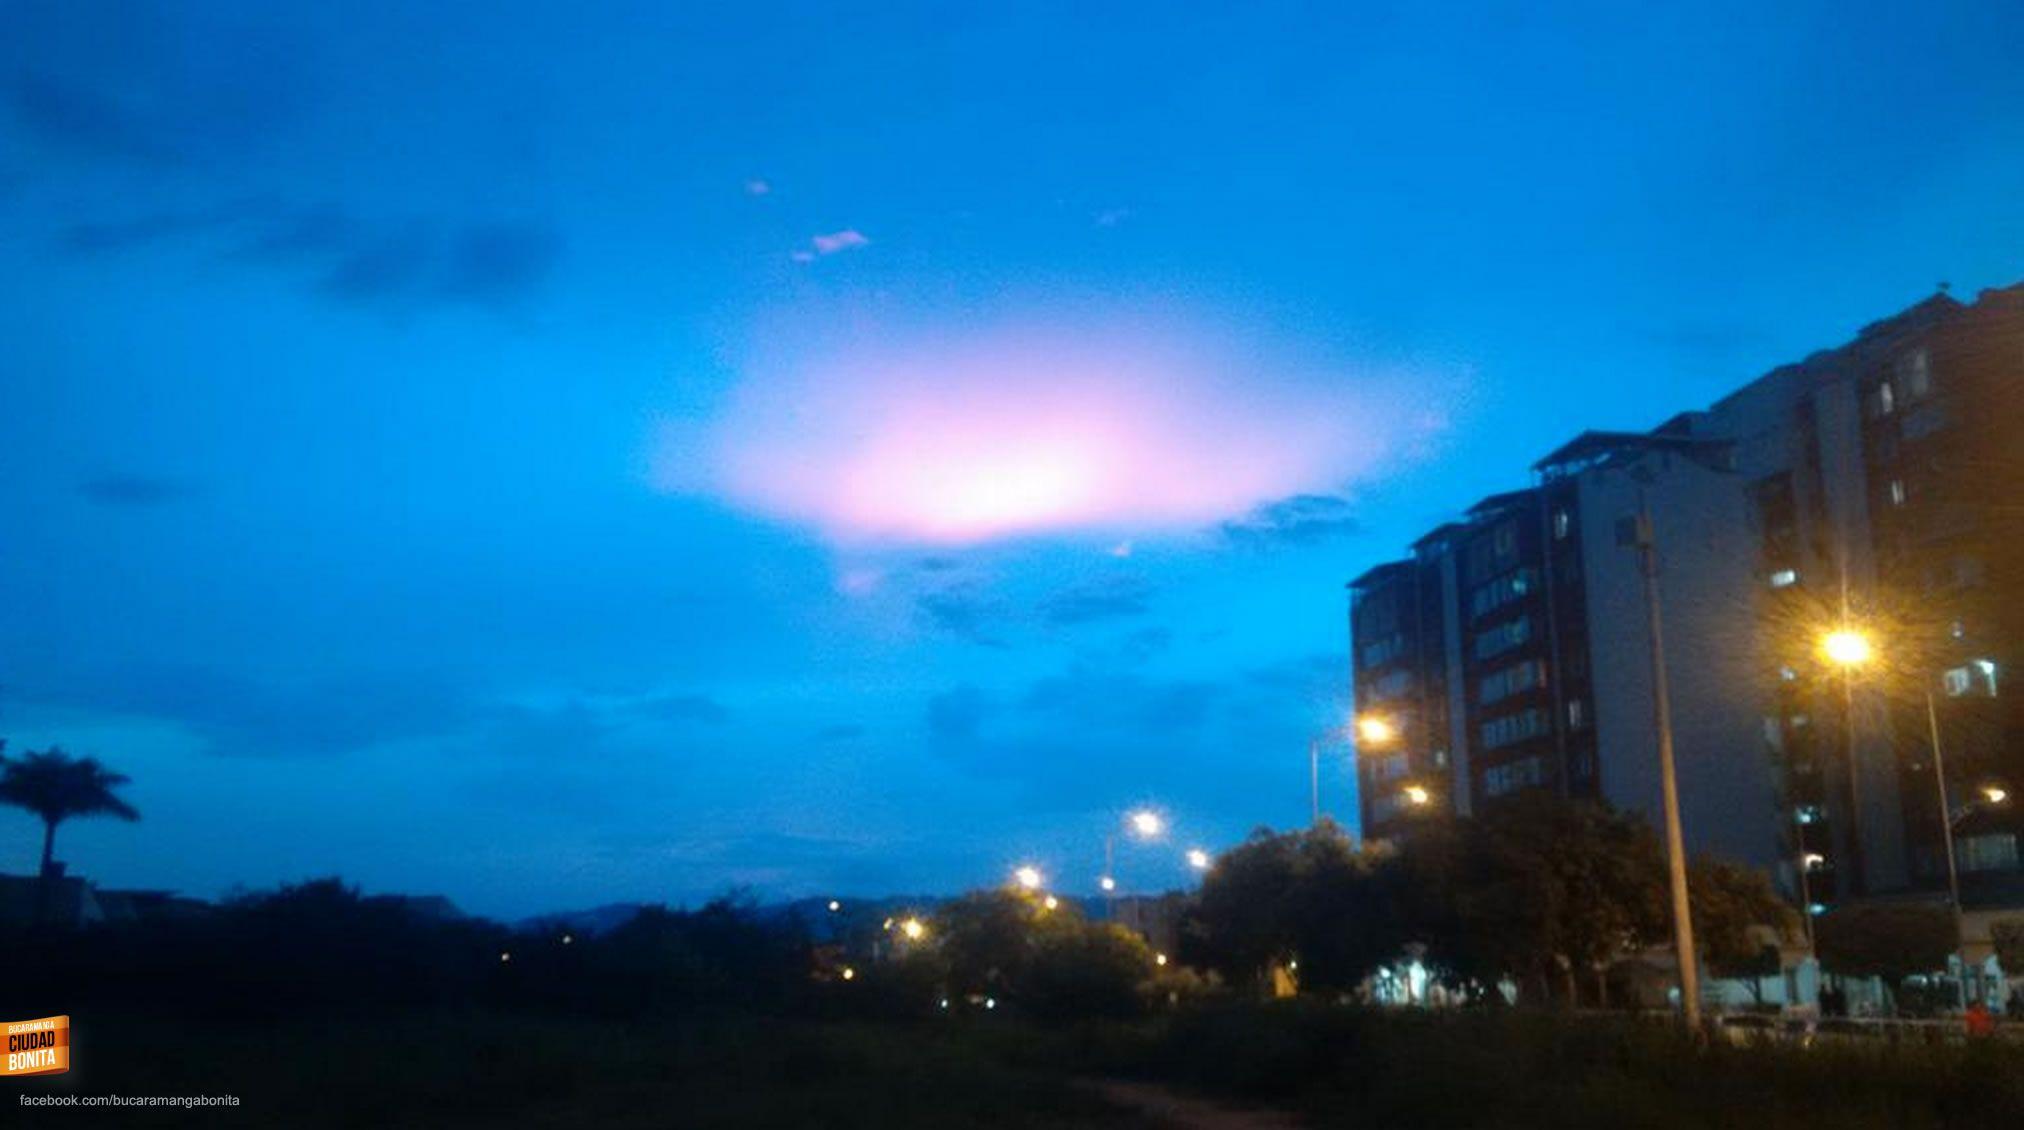 El cielo de Bucaramanga al atardecer que nos regala mágicas sorpresas. Gracias @dlizcano1 por la foto #atardecerBUC